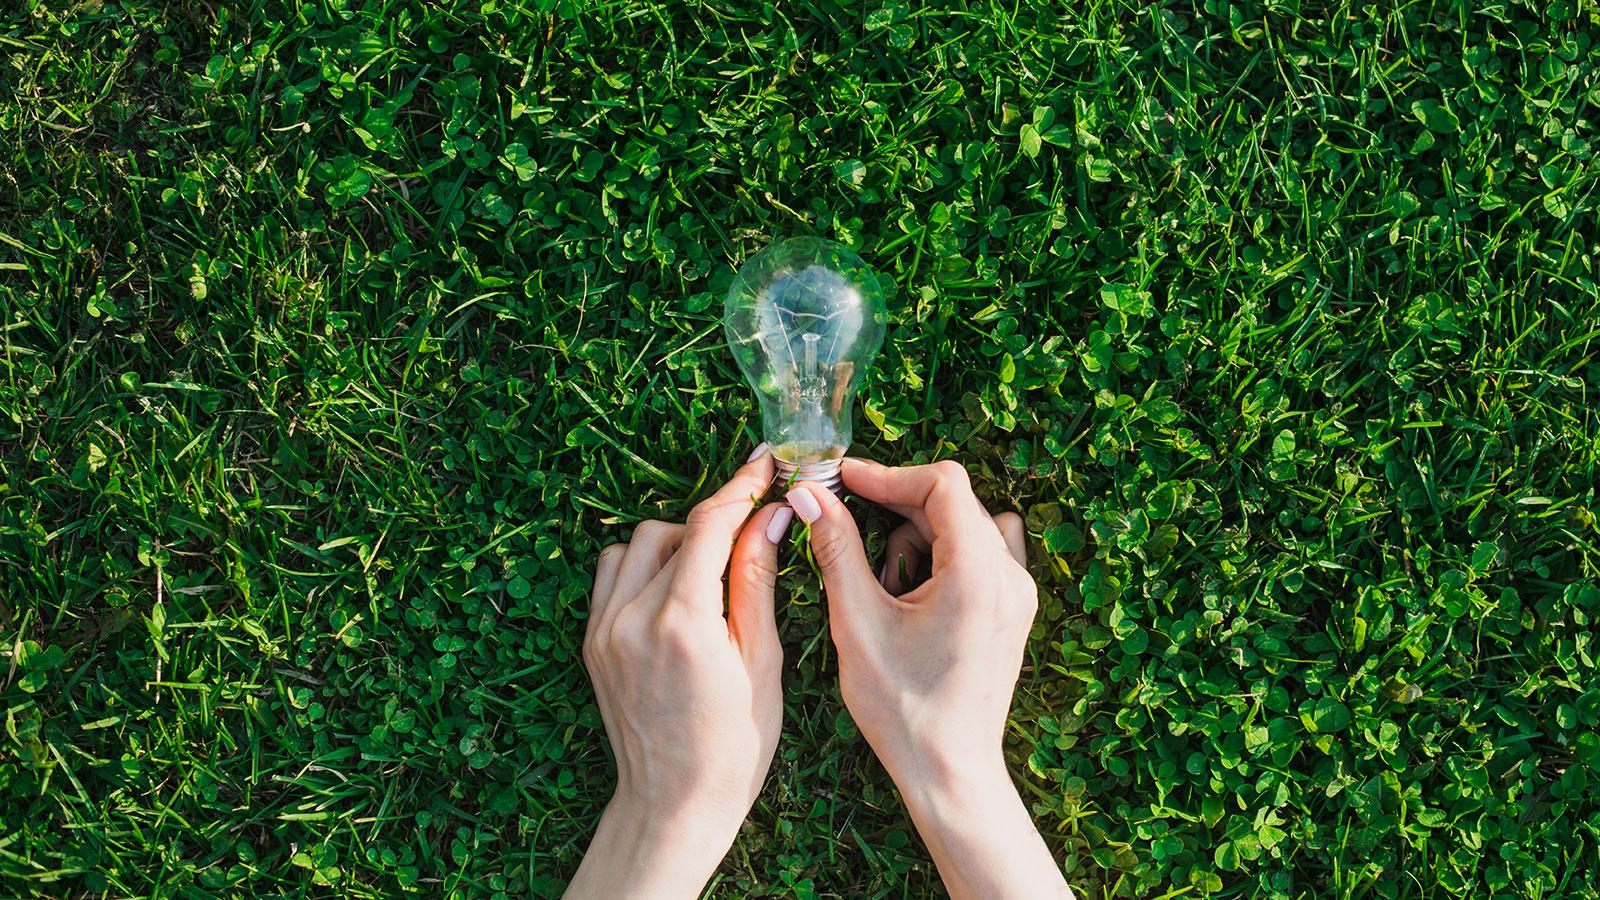 foto di una lampadina sull'erba simboleggiante le idee sostenibili